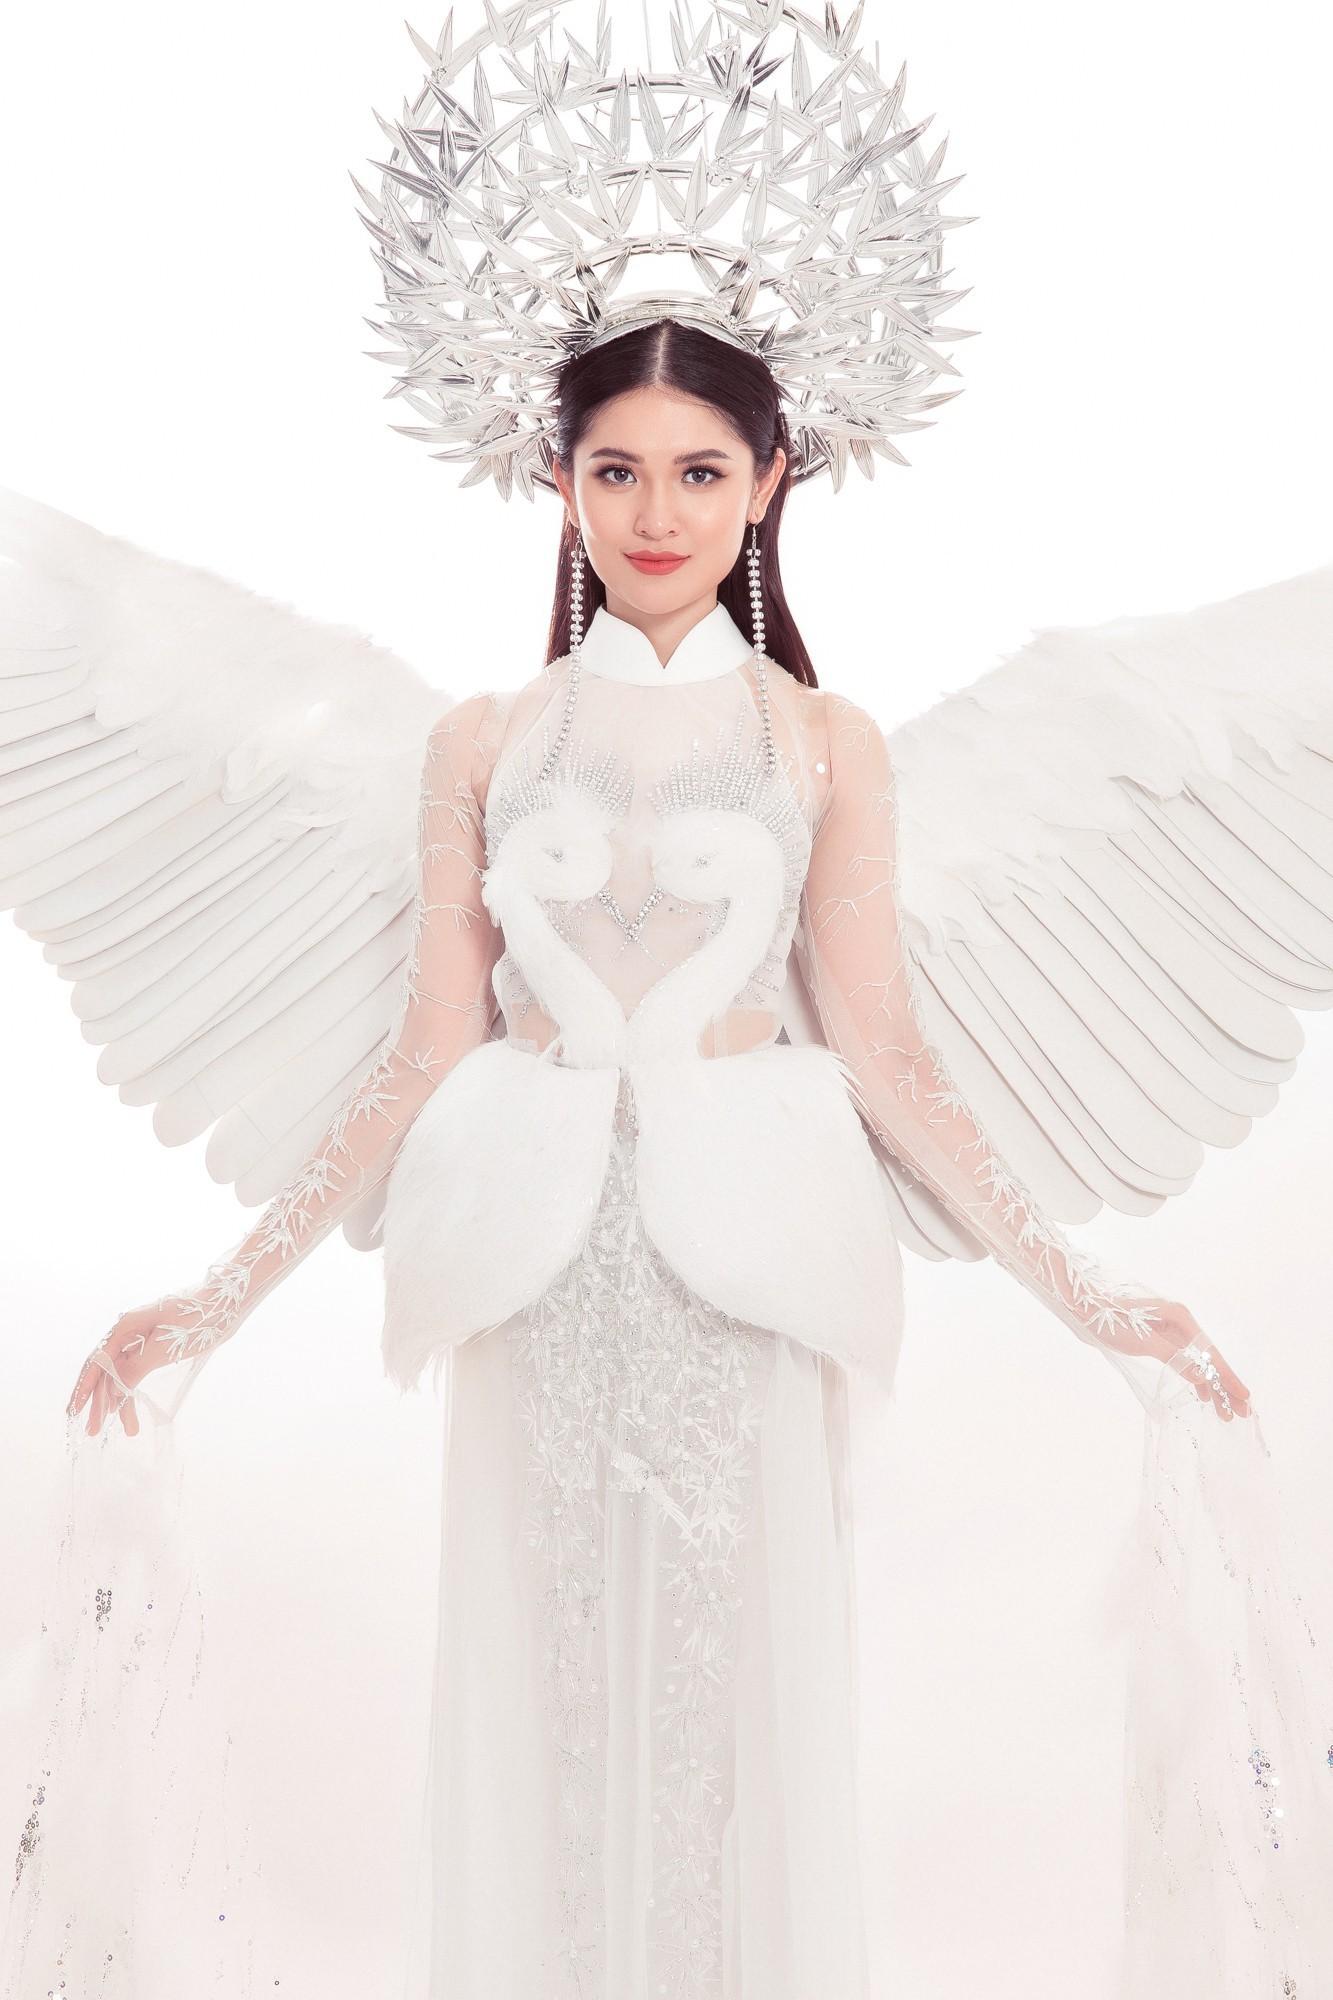 Thùy Dung tại Miss International 2017: Những ngày đầu thăng hoa nhan sắc và nỗ lực chiến đấu với bệnh... thủy đậu! - Ảnh 5.